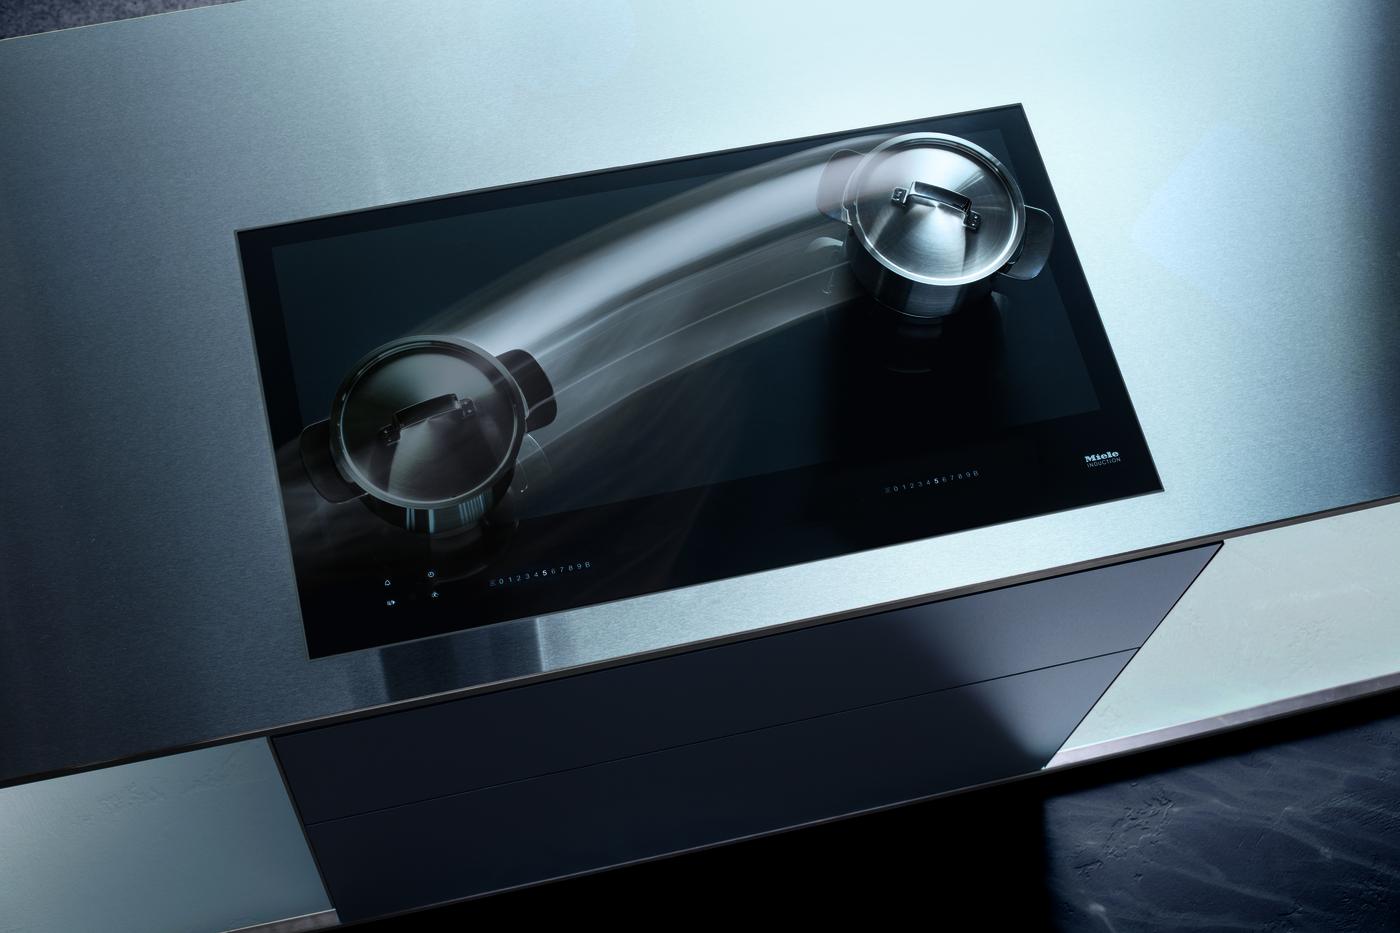 Интеллектуальная система распознавания посуды позволяет настройкам перемещаться по стеклокерамической поверхности вместе с посудой. (Фото: Miele)